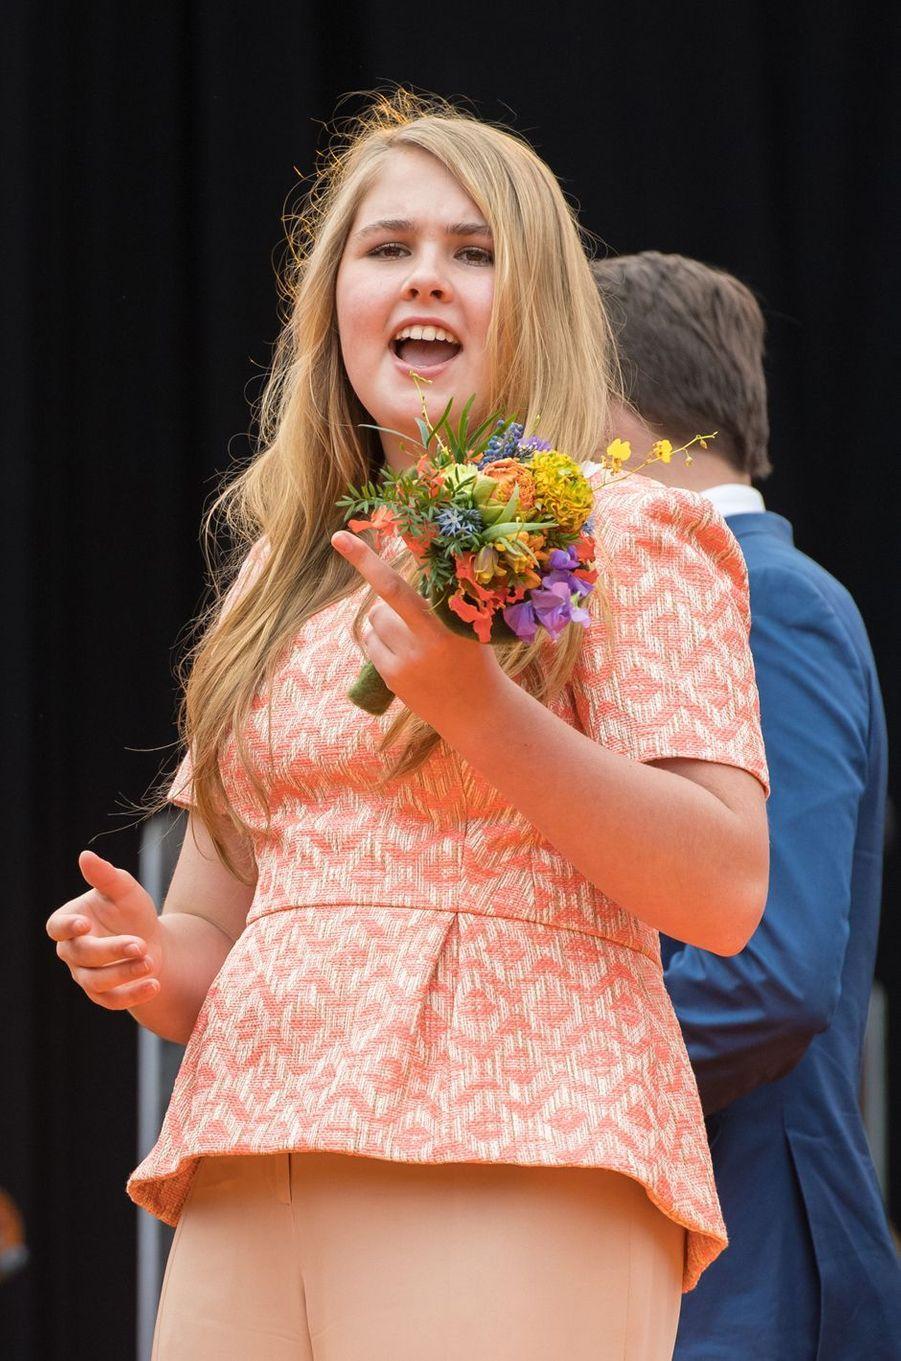 La princesse Catharina-Amalia des Pays-Bas, à Groningen le 27 avril 2018